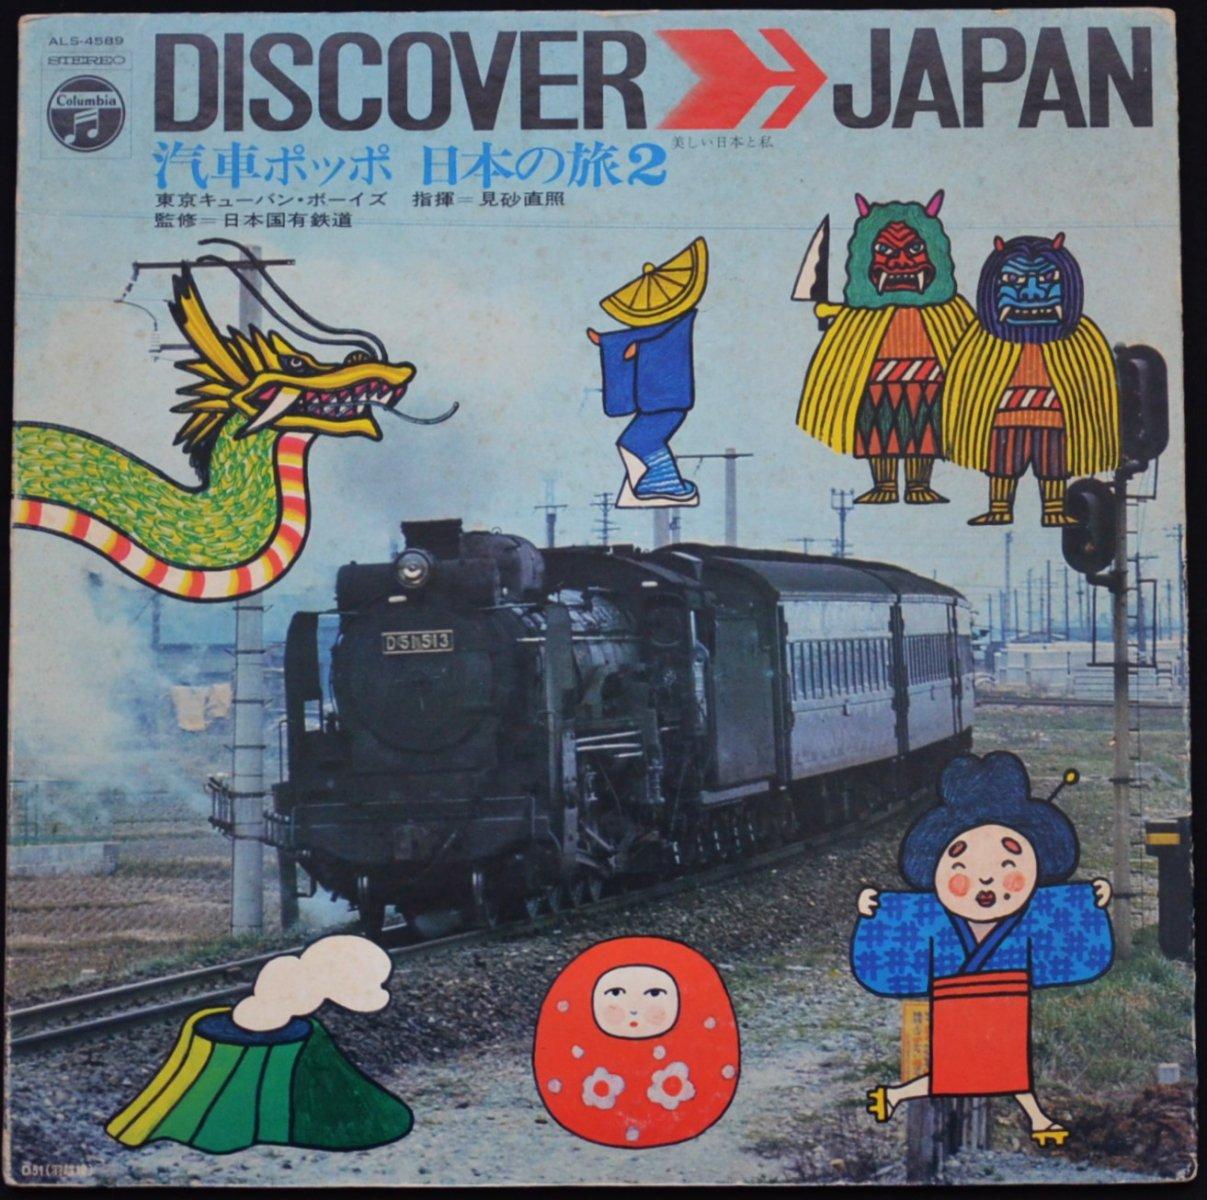 見砂直照と東京キューバン・ボーイズ TOKYO CUBAN BOYS / ポッポ日本の旅 2 (DISCOVER JAPAN) (LP)